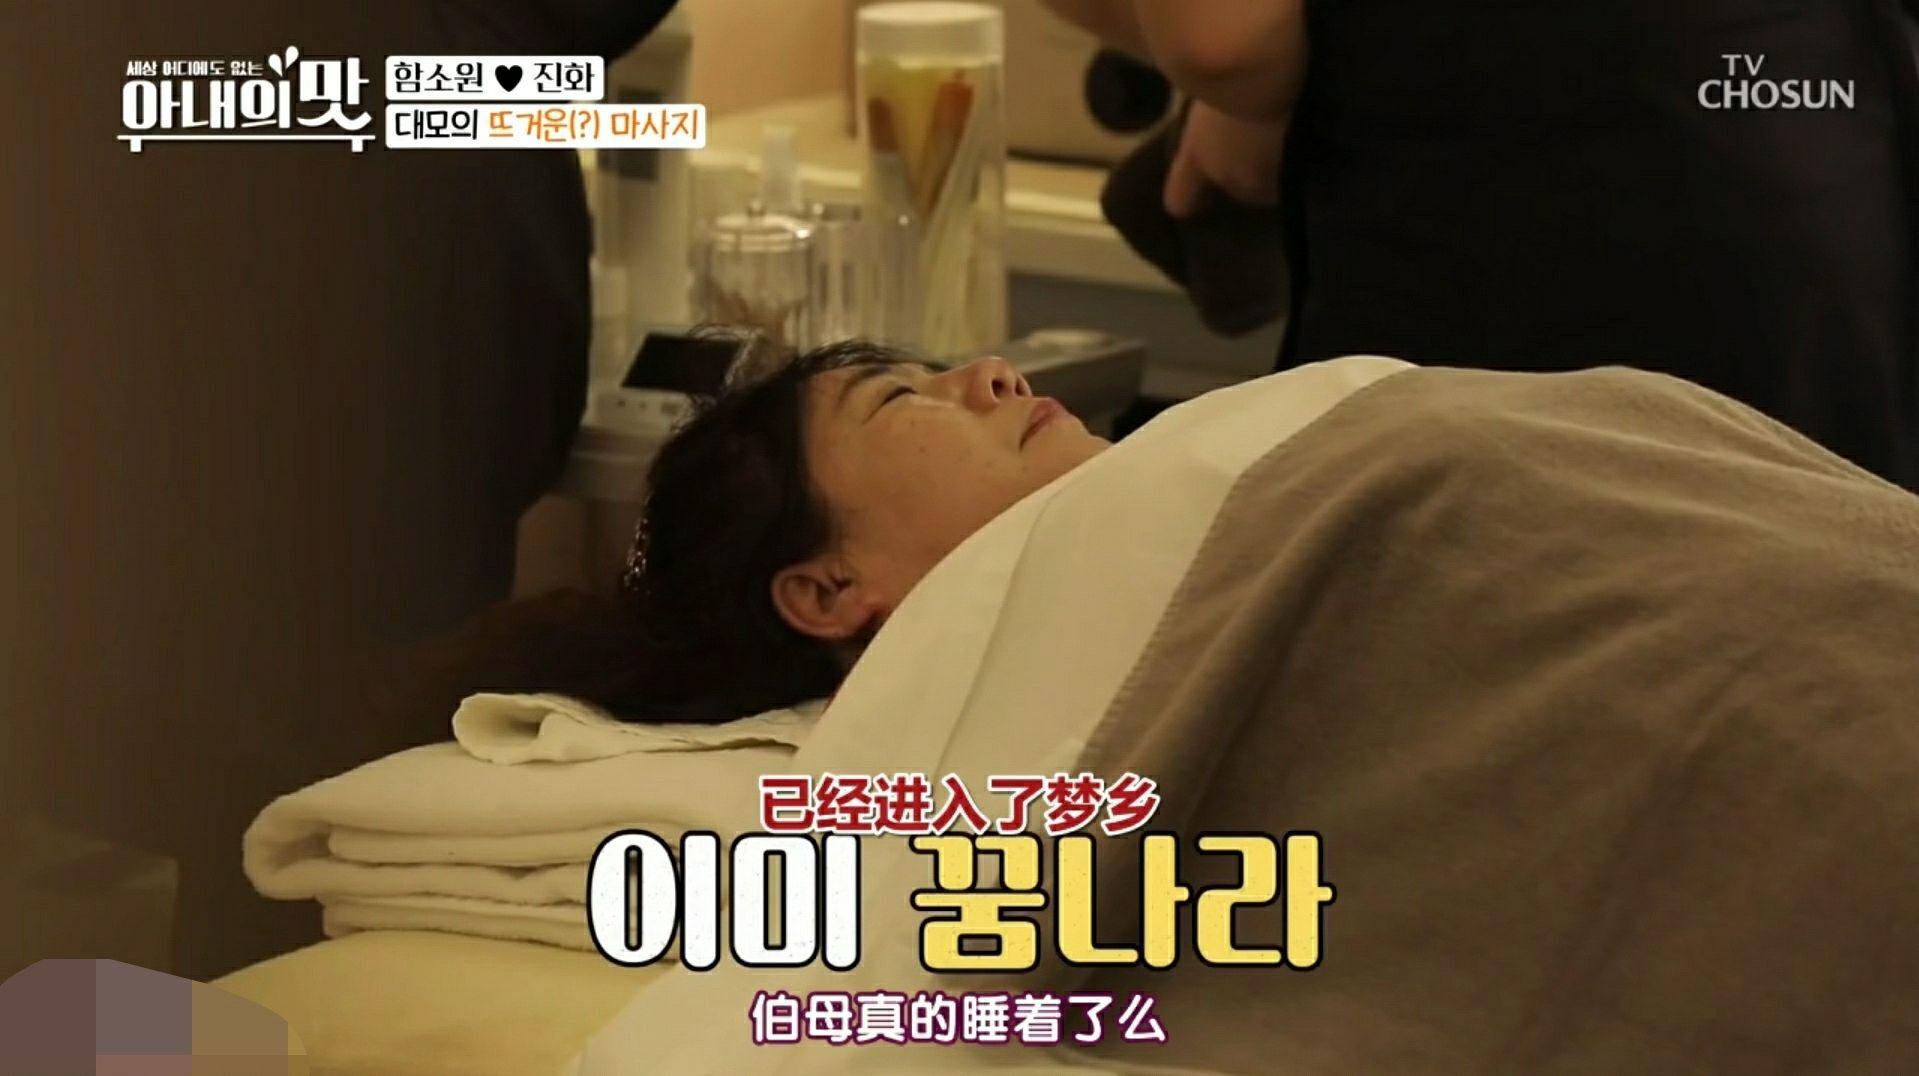 咸素媛婆婆第一次去韩国汗蒸房,五分钟不到就打呼,还说梦话!